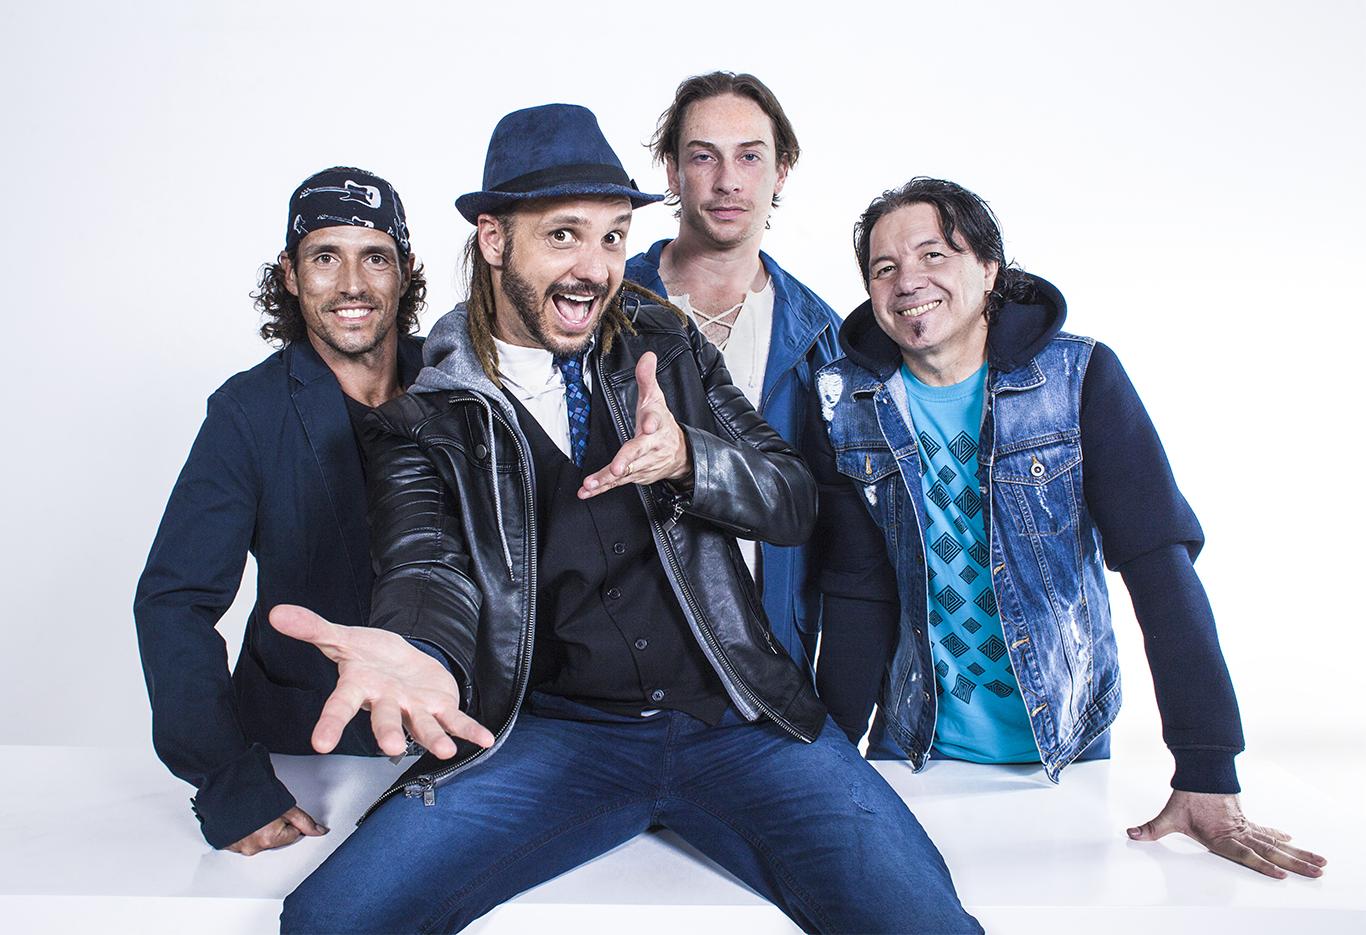 Quarteto do Falamansa tocará maiores hits dos 20 anos de carreira (Foto: Divulgação)